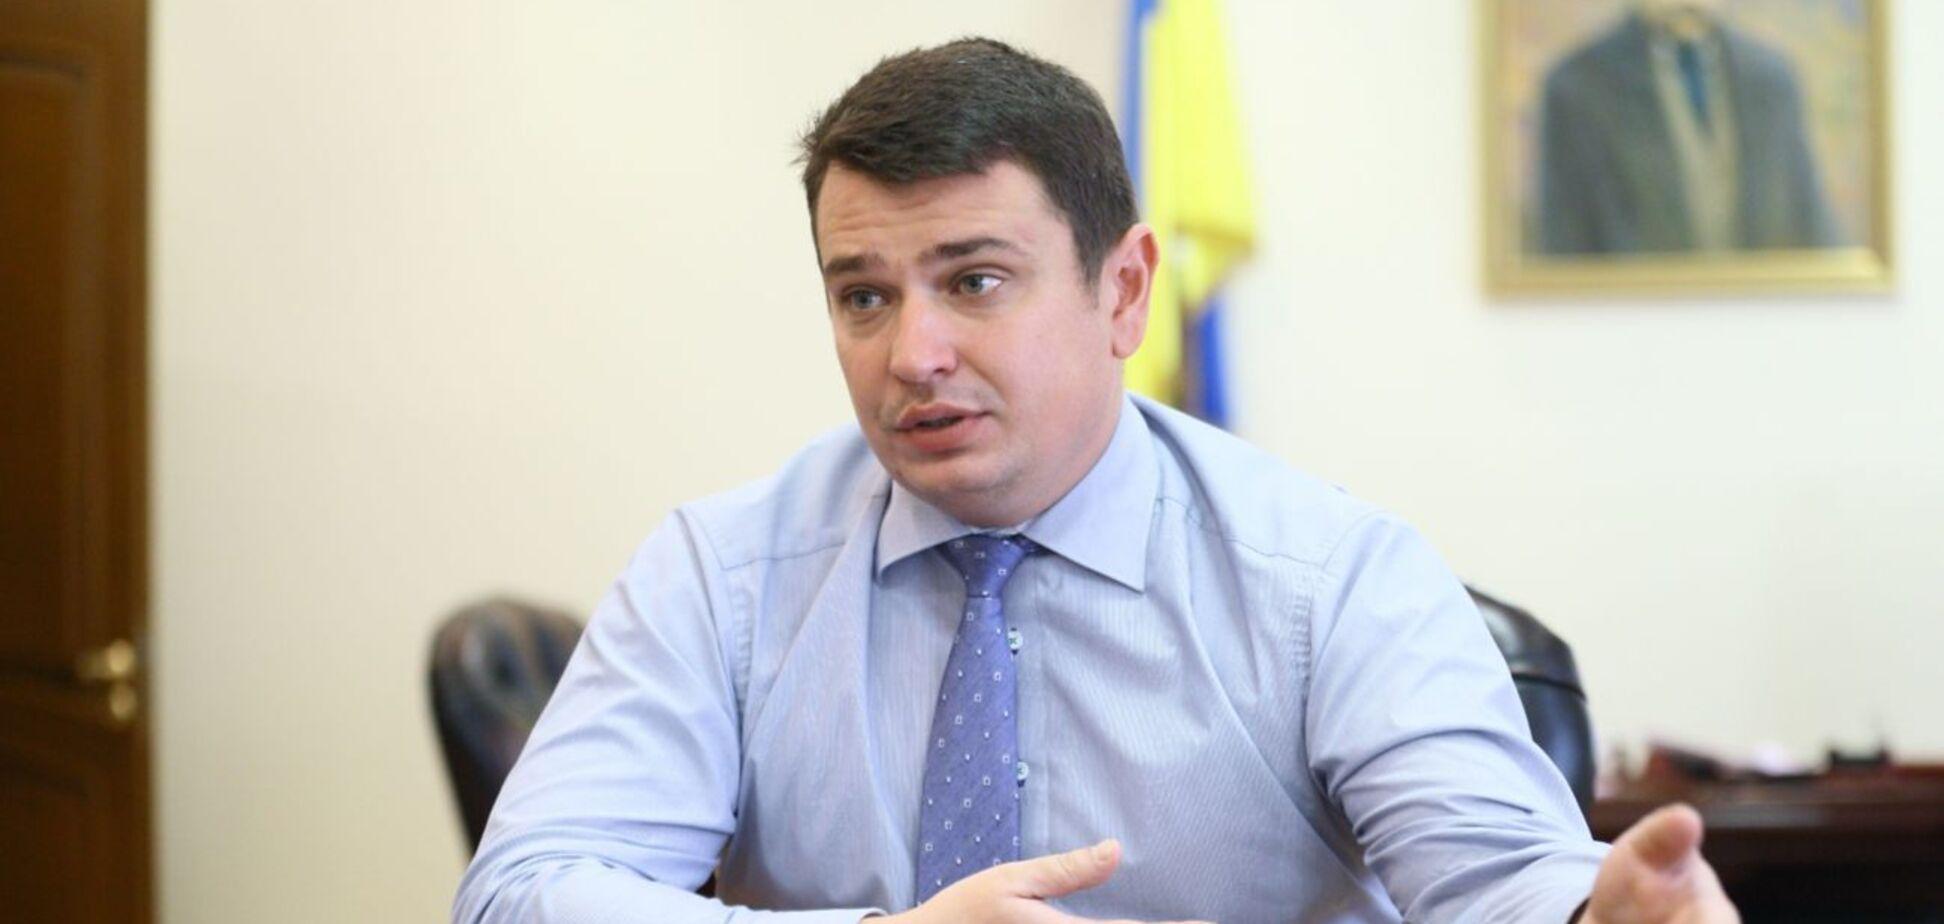 Калужинський, за повідомленнями ЗМІ, оцінив життя вбитої ним людини в 3 тис. грн